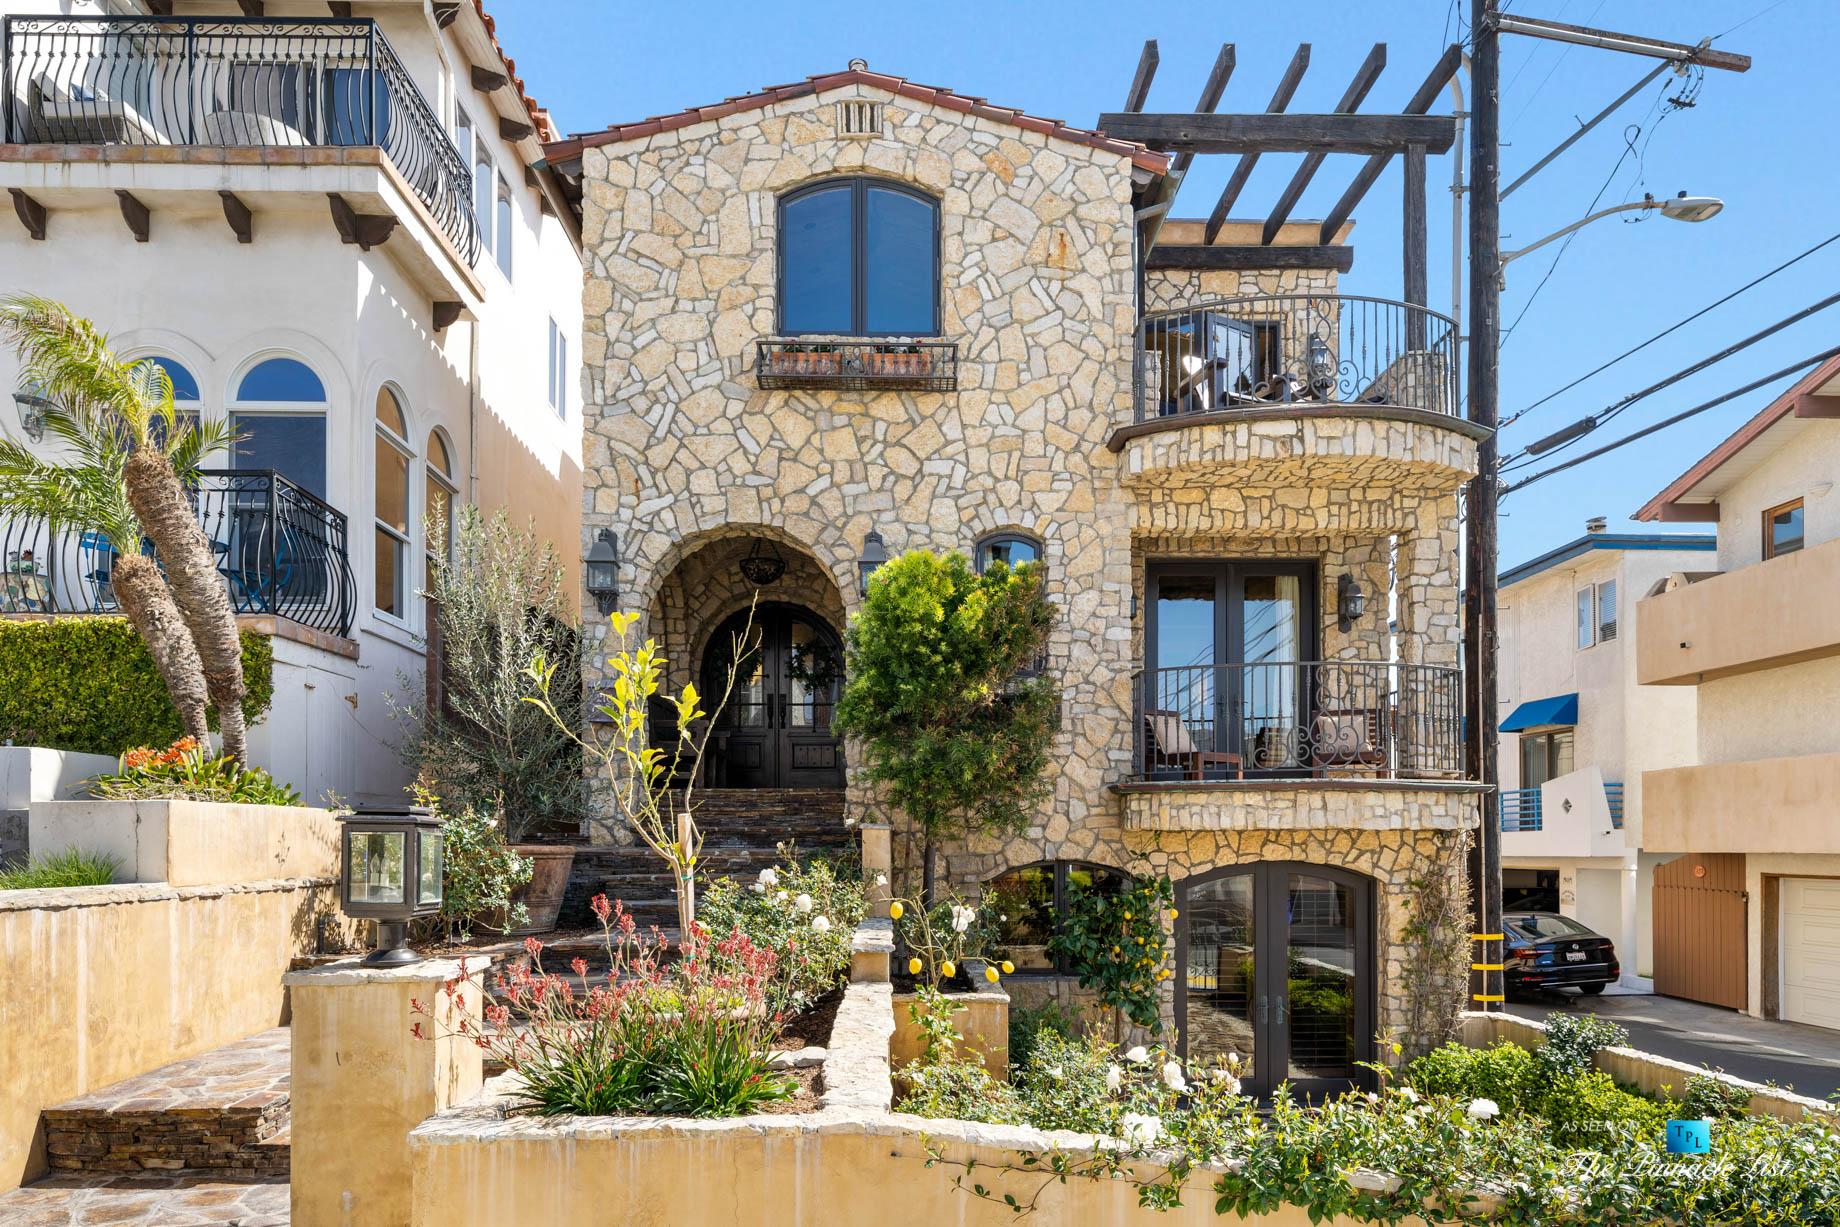 216 7th St, Manhattan Beach, CA, USA – Luxury Real Estate – Coastal Villa Home